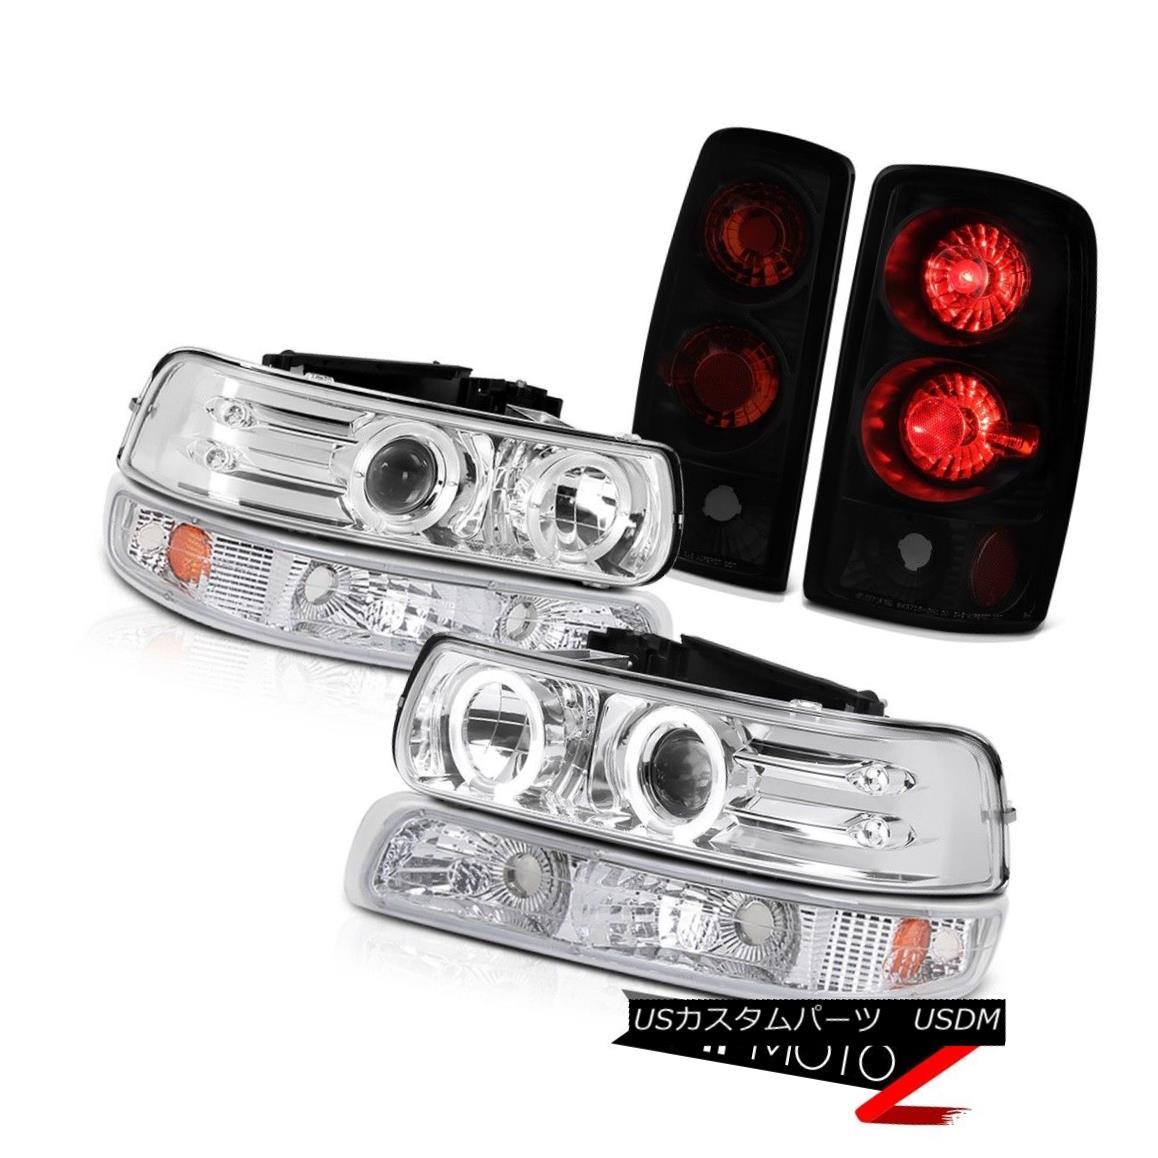 ヘッドライト Chrome Headlights Parking Smoke Black Tail Lamps 00 01 02 03 04 05 06 Tahoe Z71 クロームヘッドライトパーキングスモークブラックテールランプ00 01 02 03 04 05 06タホZ71